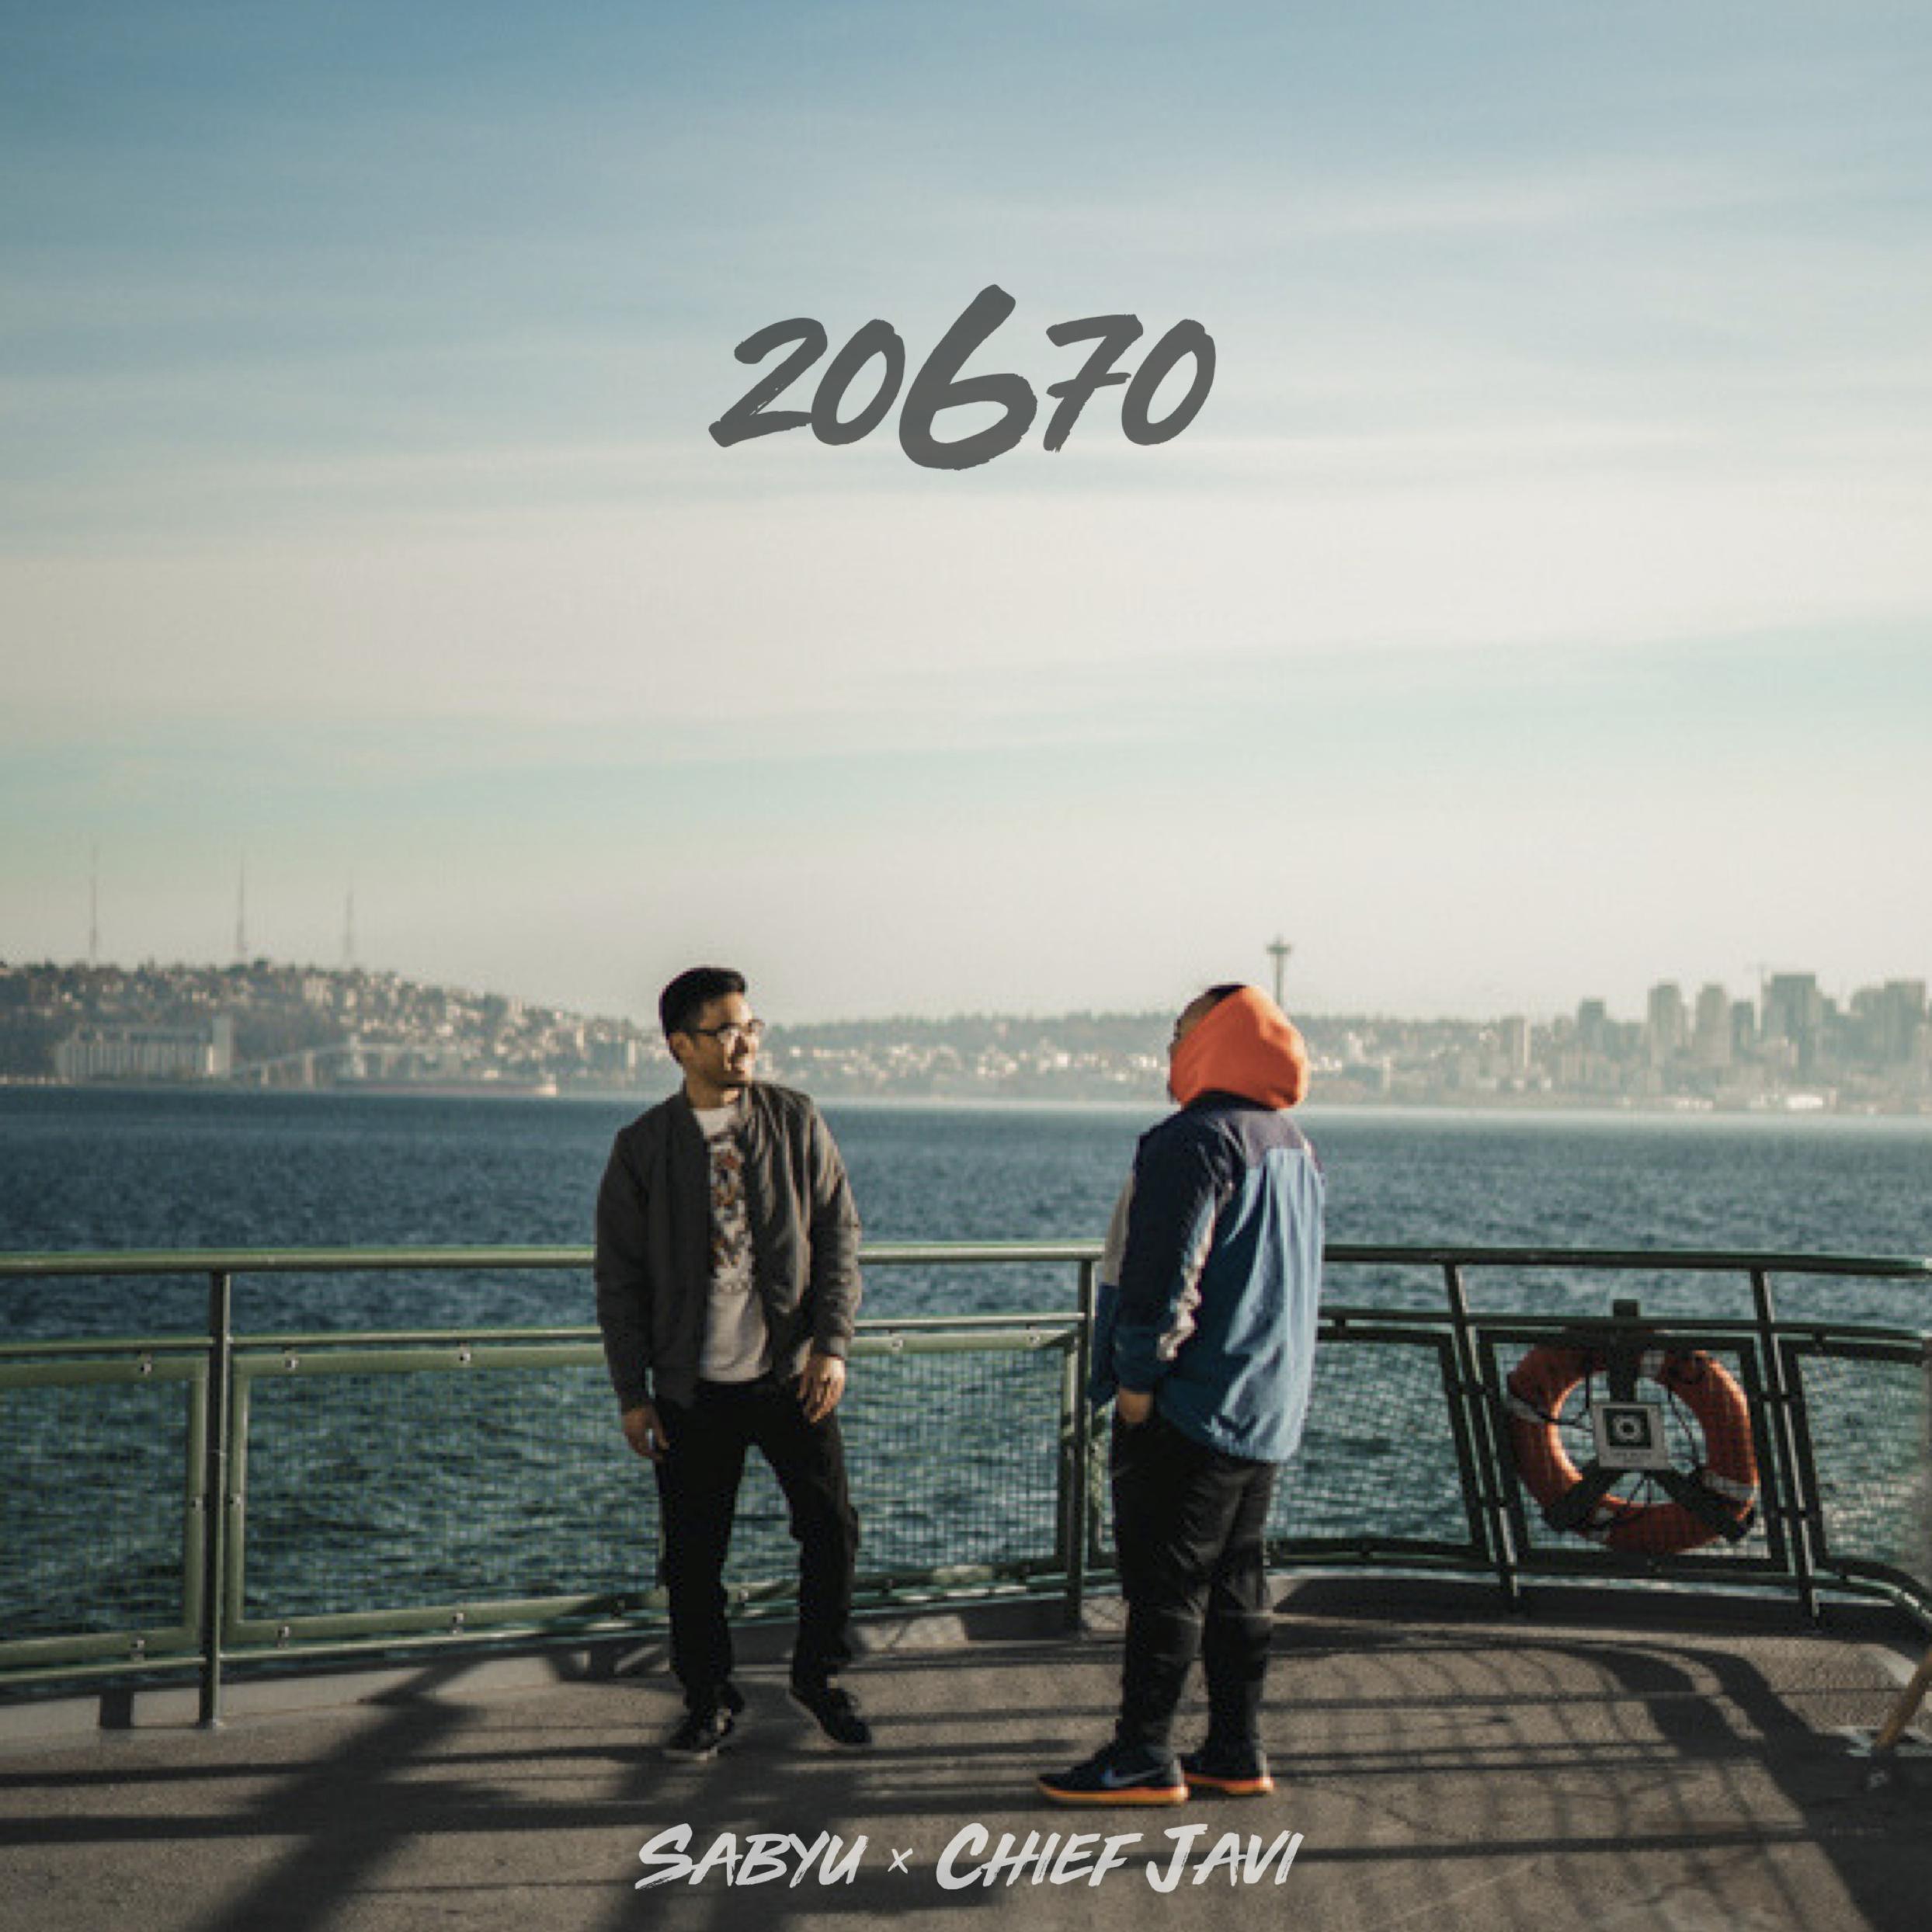 20670 - ARTWORK.jpg